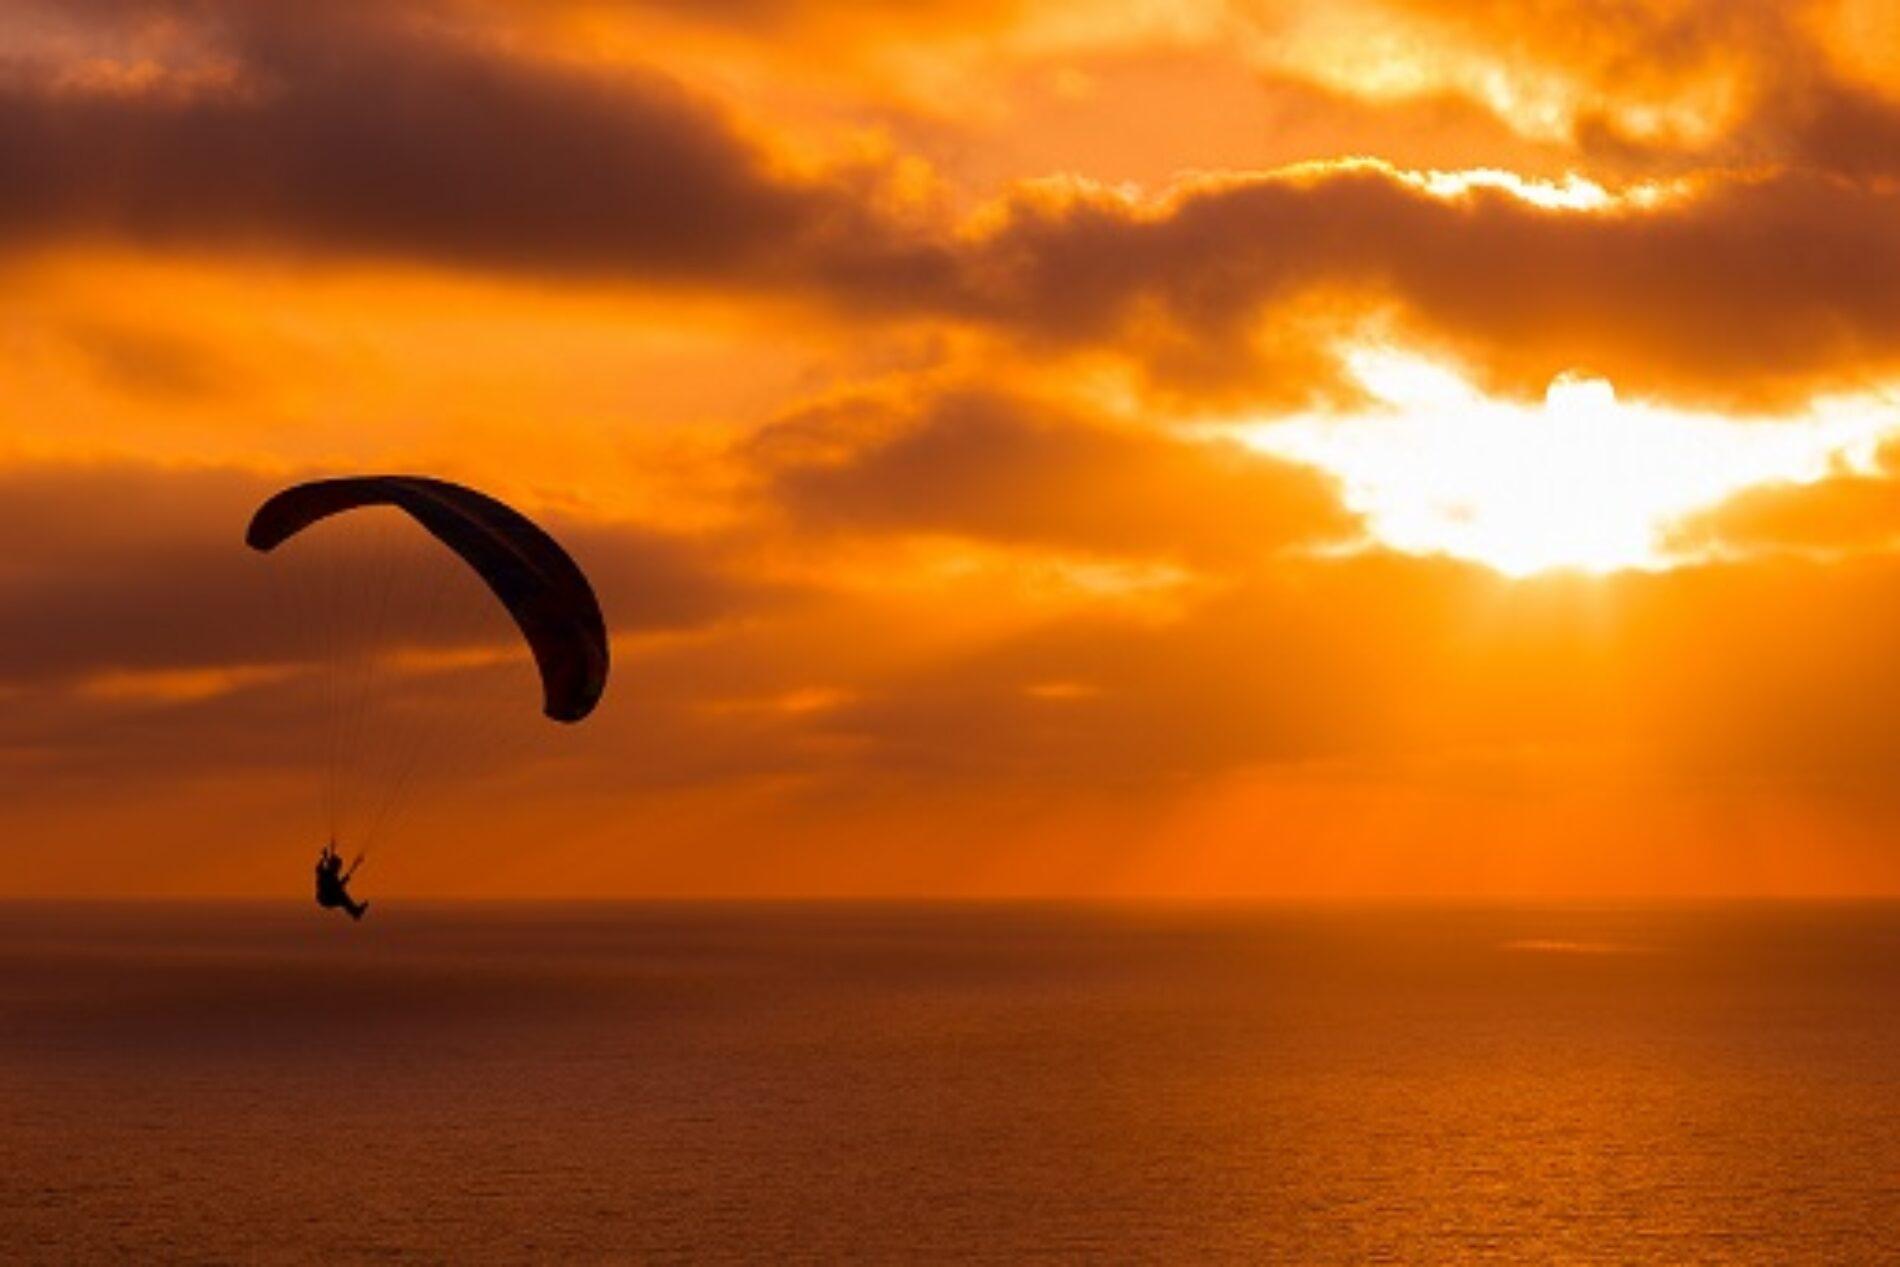 Tres deportes extremos para un viaje de aventura